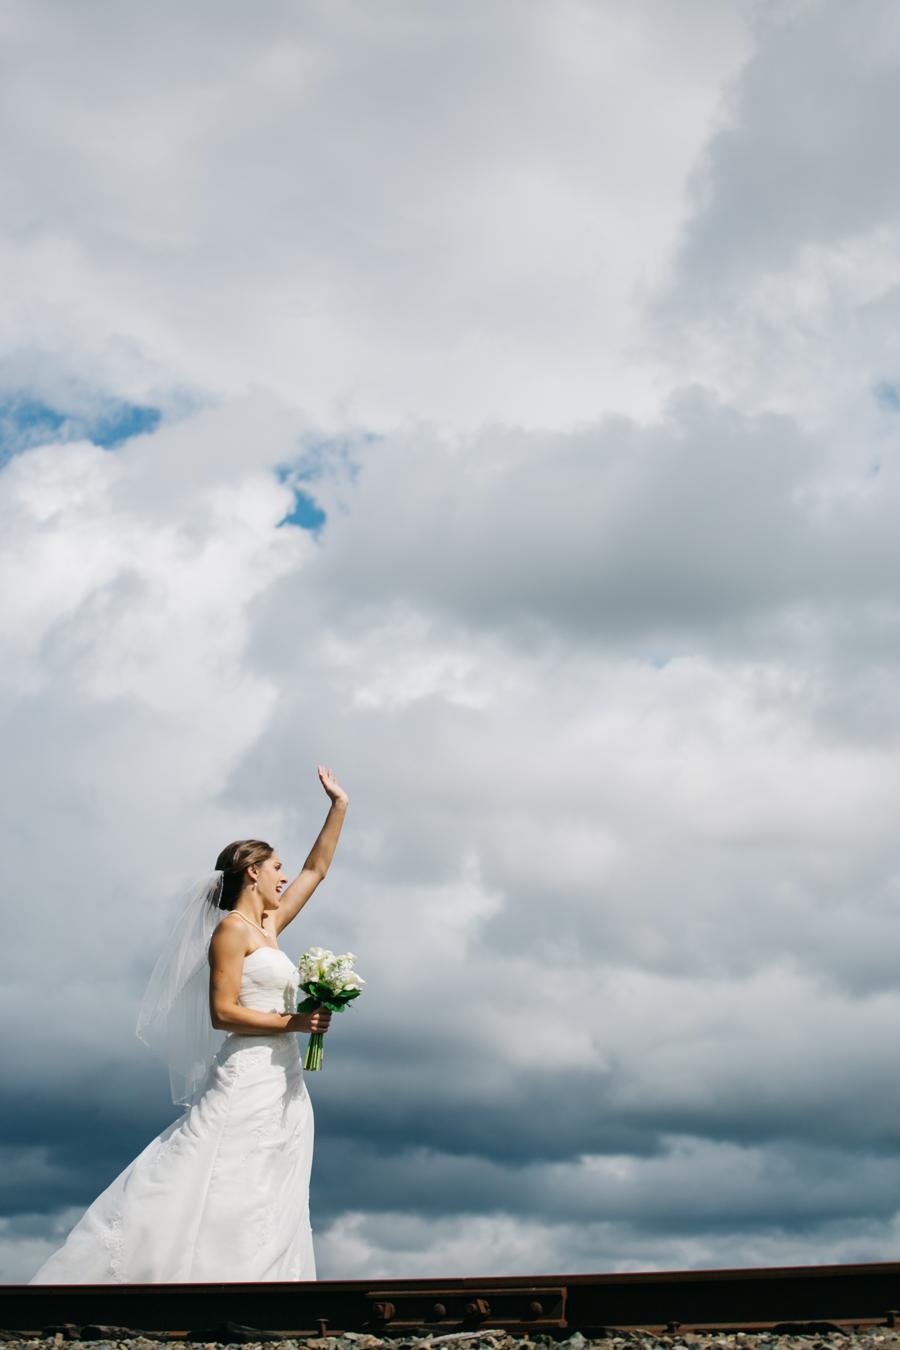 027-bellingham-wedding-photographer-katheryn-moran-photography-hidden-meadows.jpg